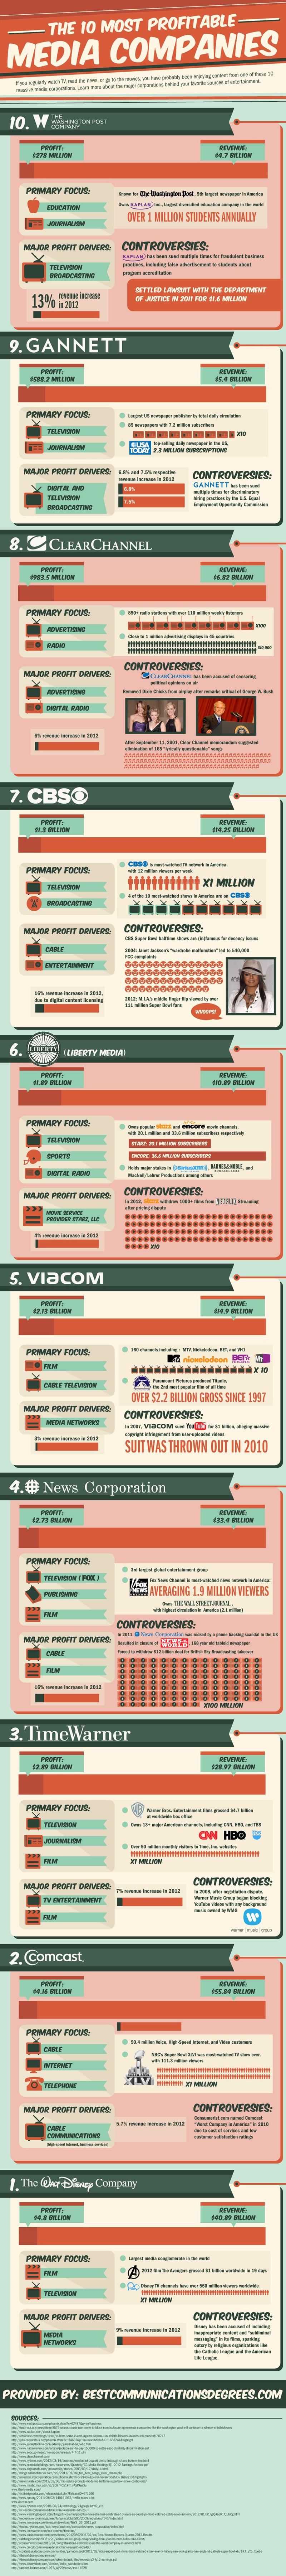 Las 10 empresas de medios de comunicación más rentables